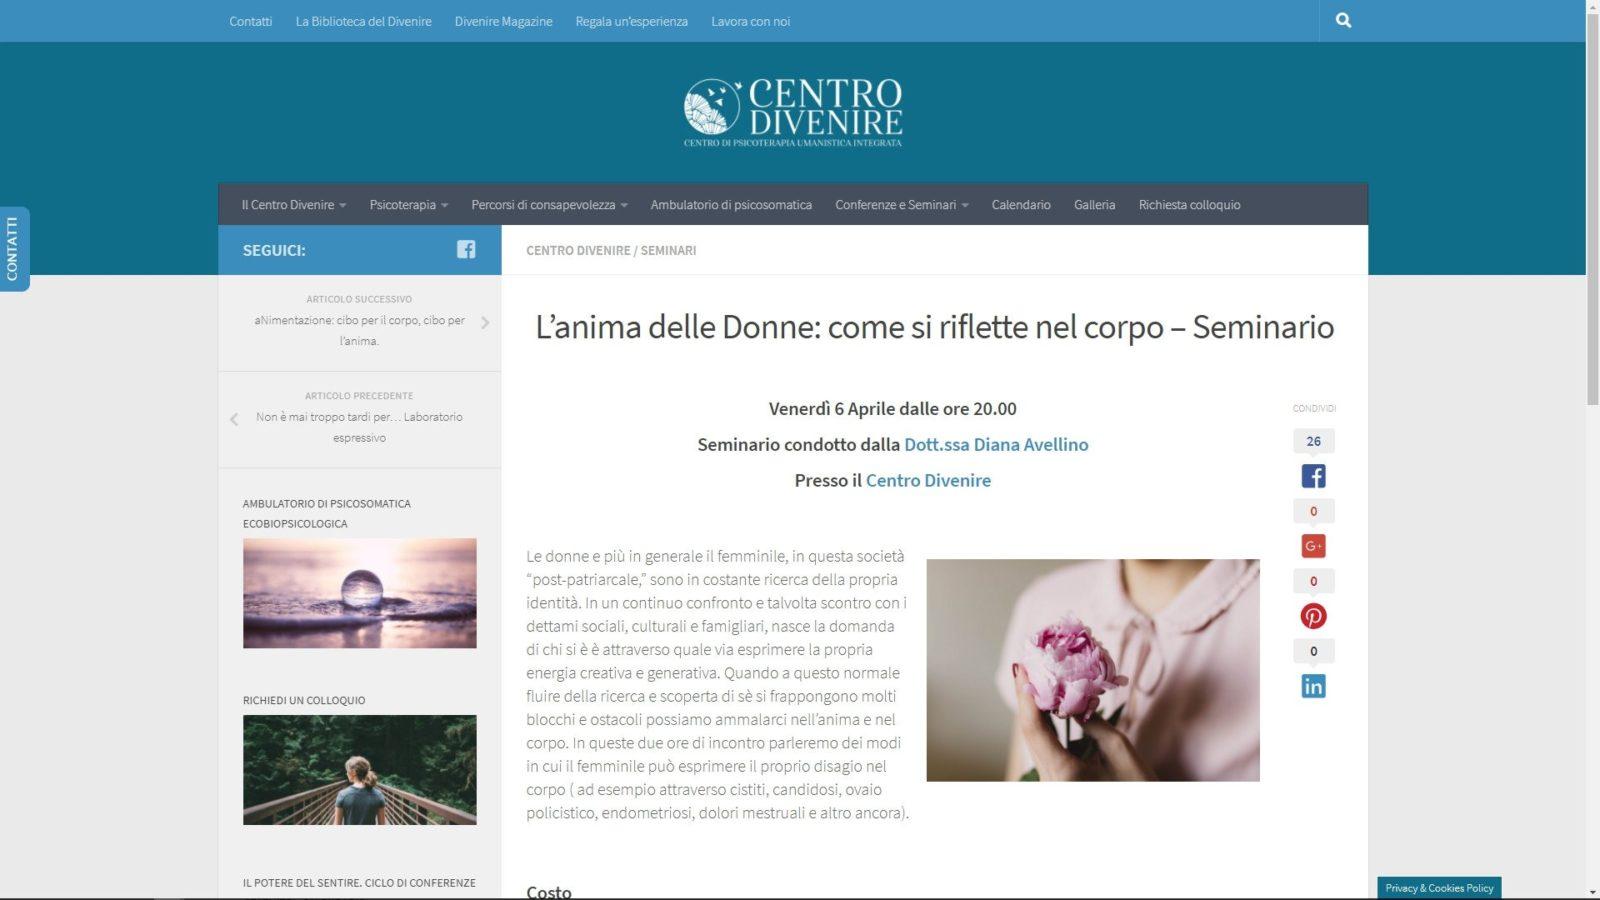 SITO INTERNET CENTRO DIVENIRE - POST